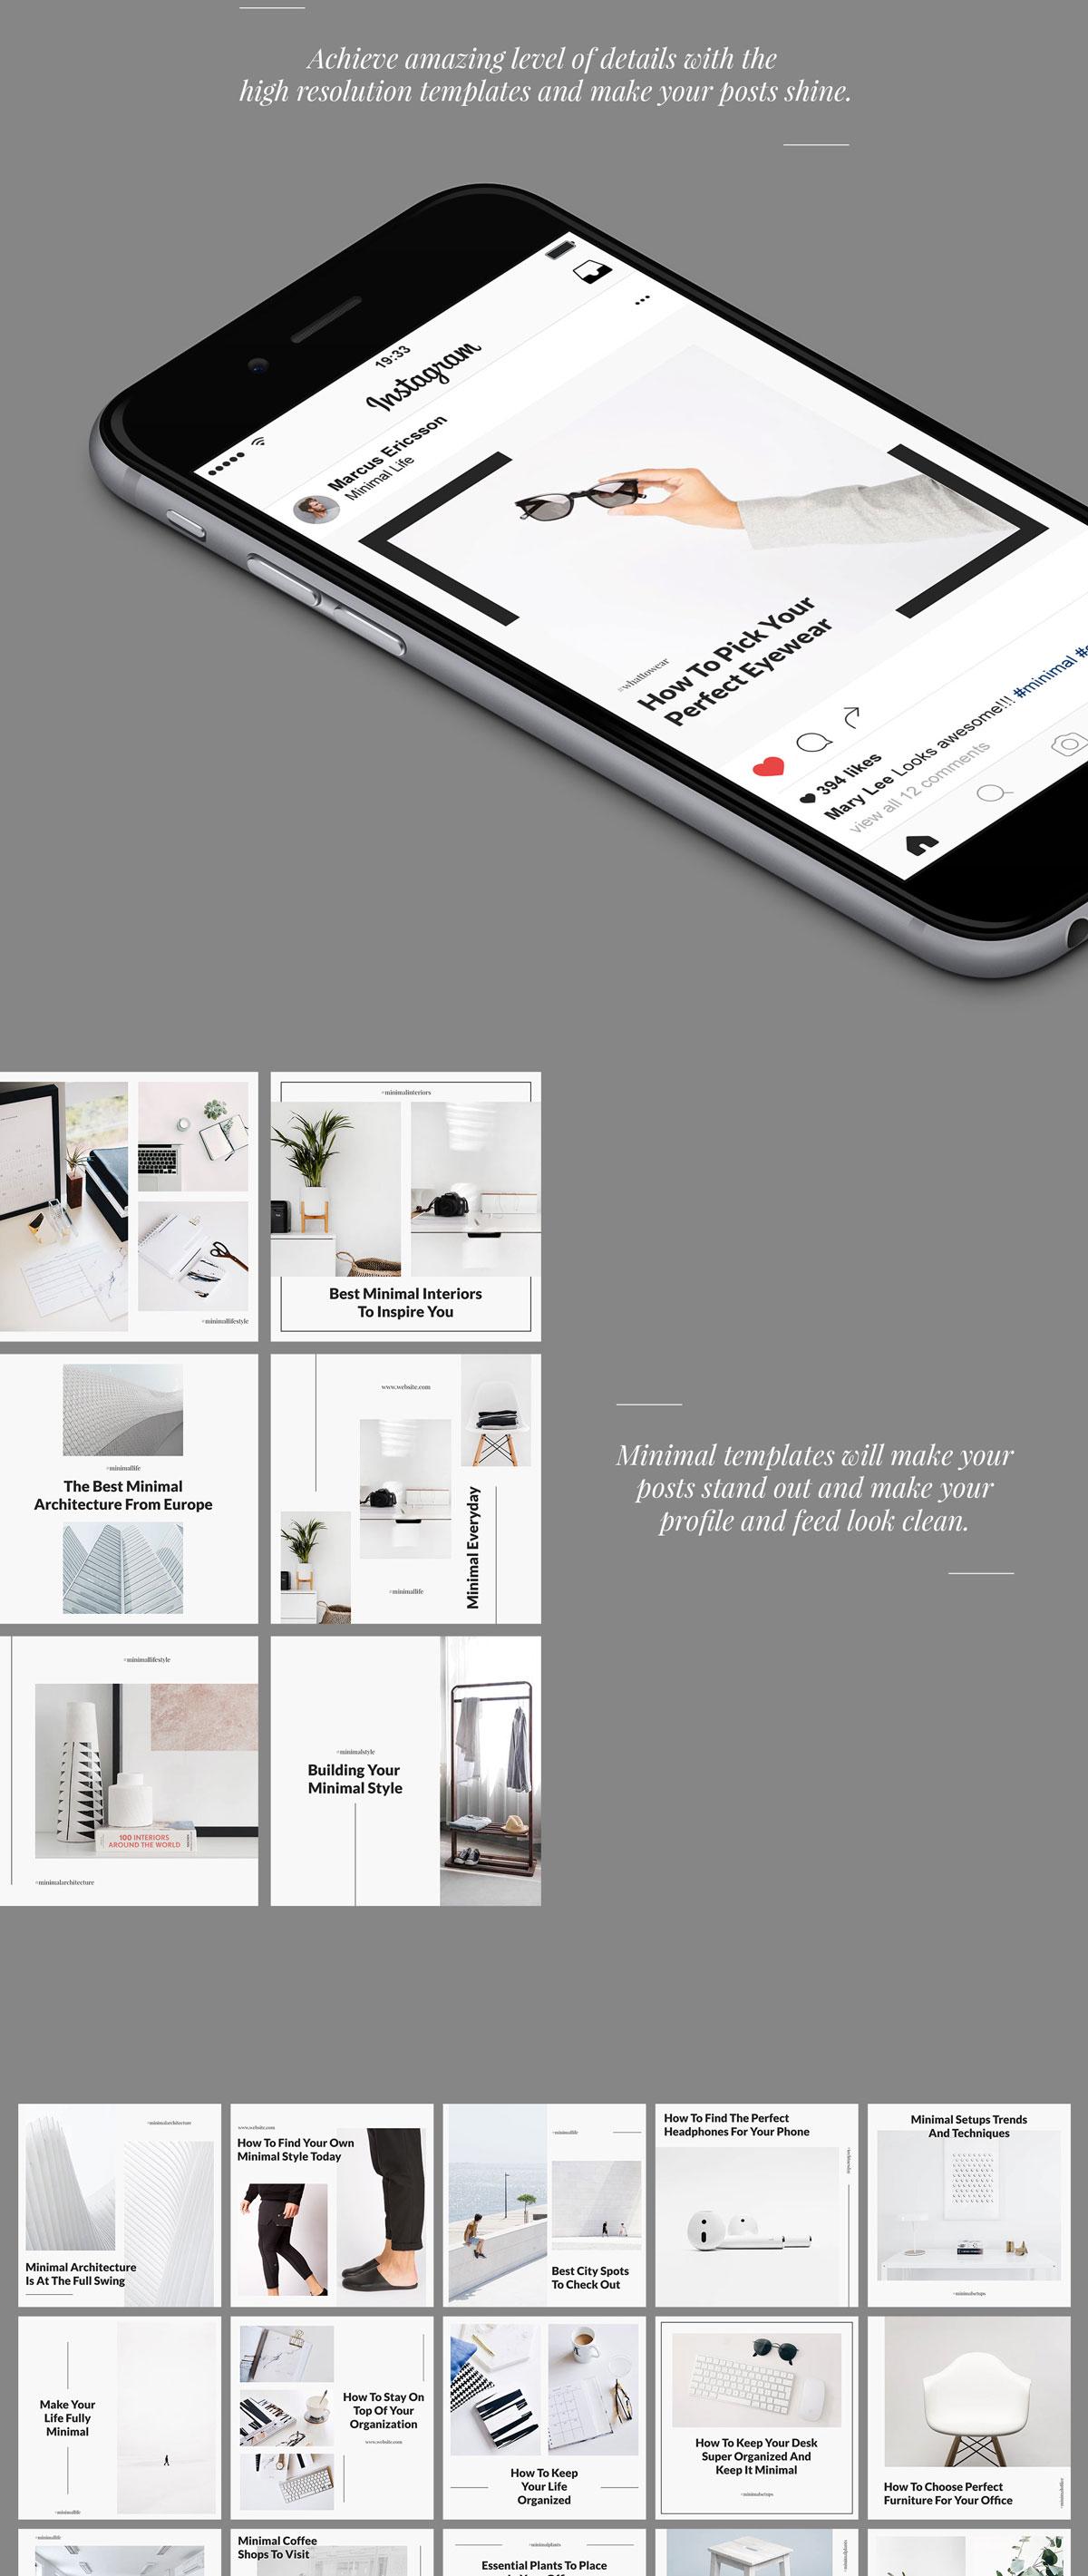 极简的女性服装电商营销朋友圈广告INS风模板 Belgrade Minimal Instagram Graphics插图(1)